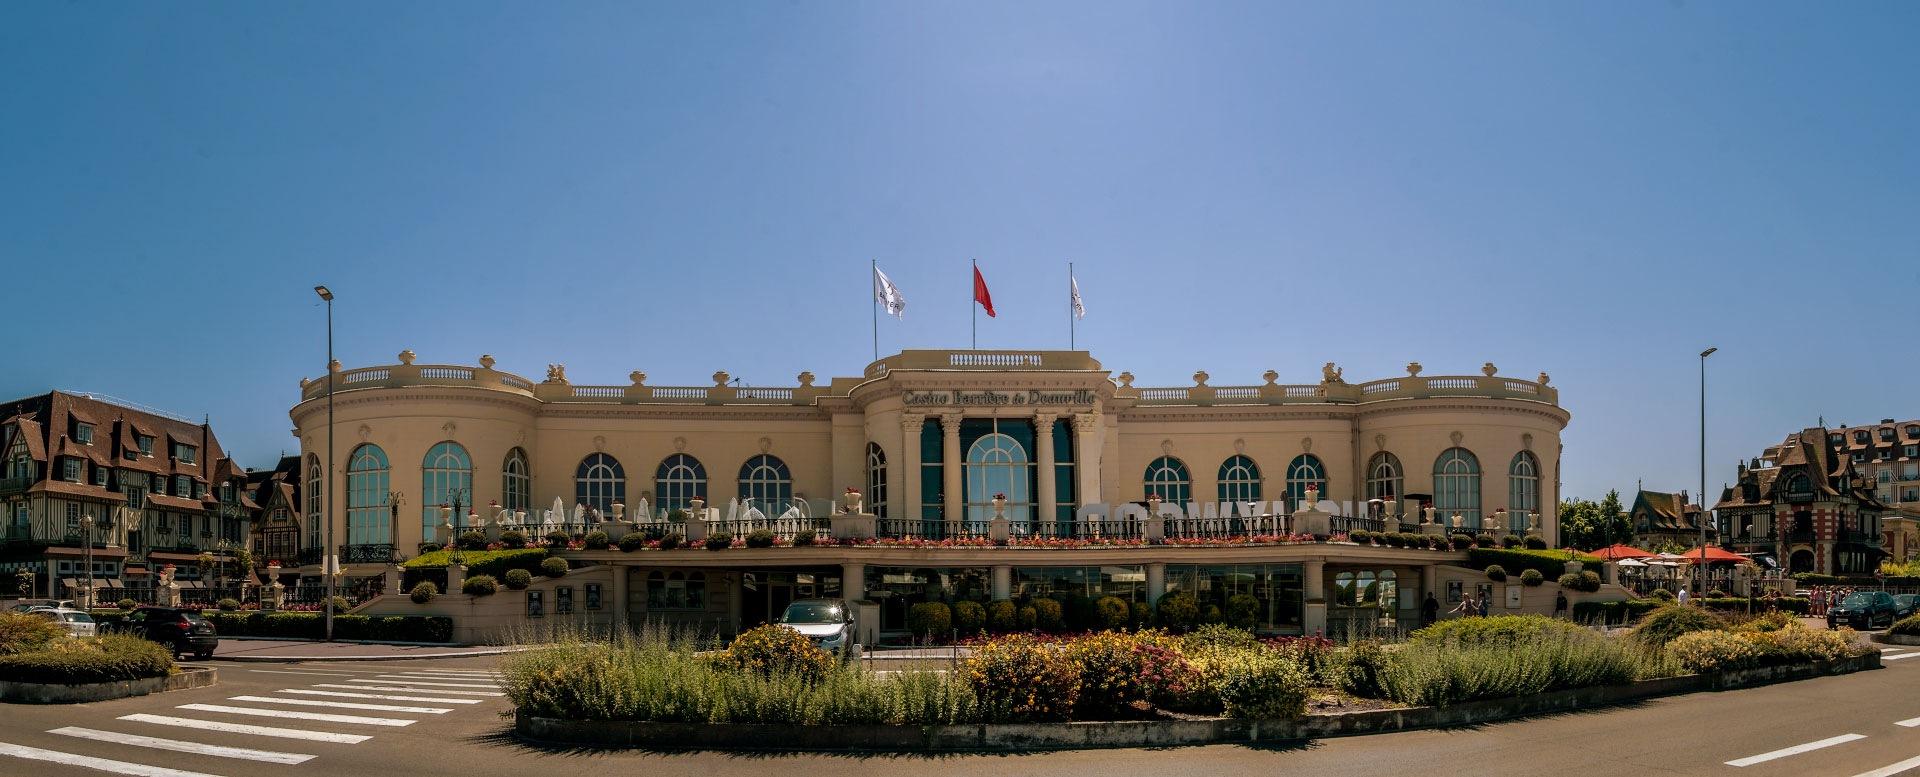 Casino de Deauville by Alexander Pugatschewski